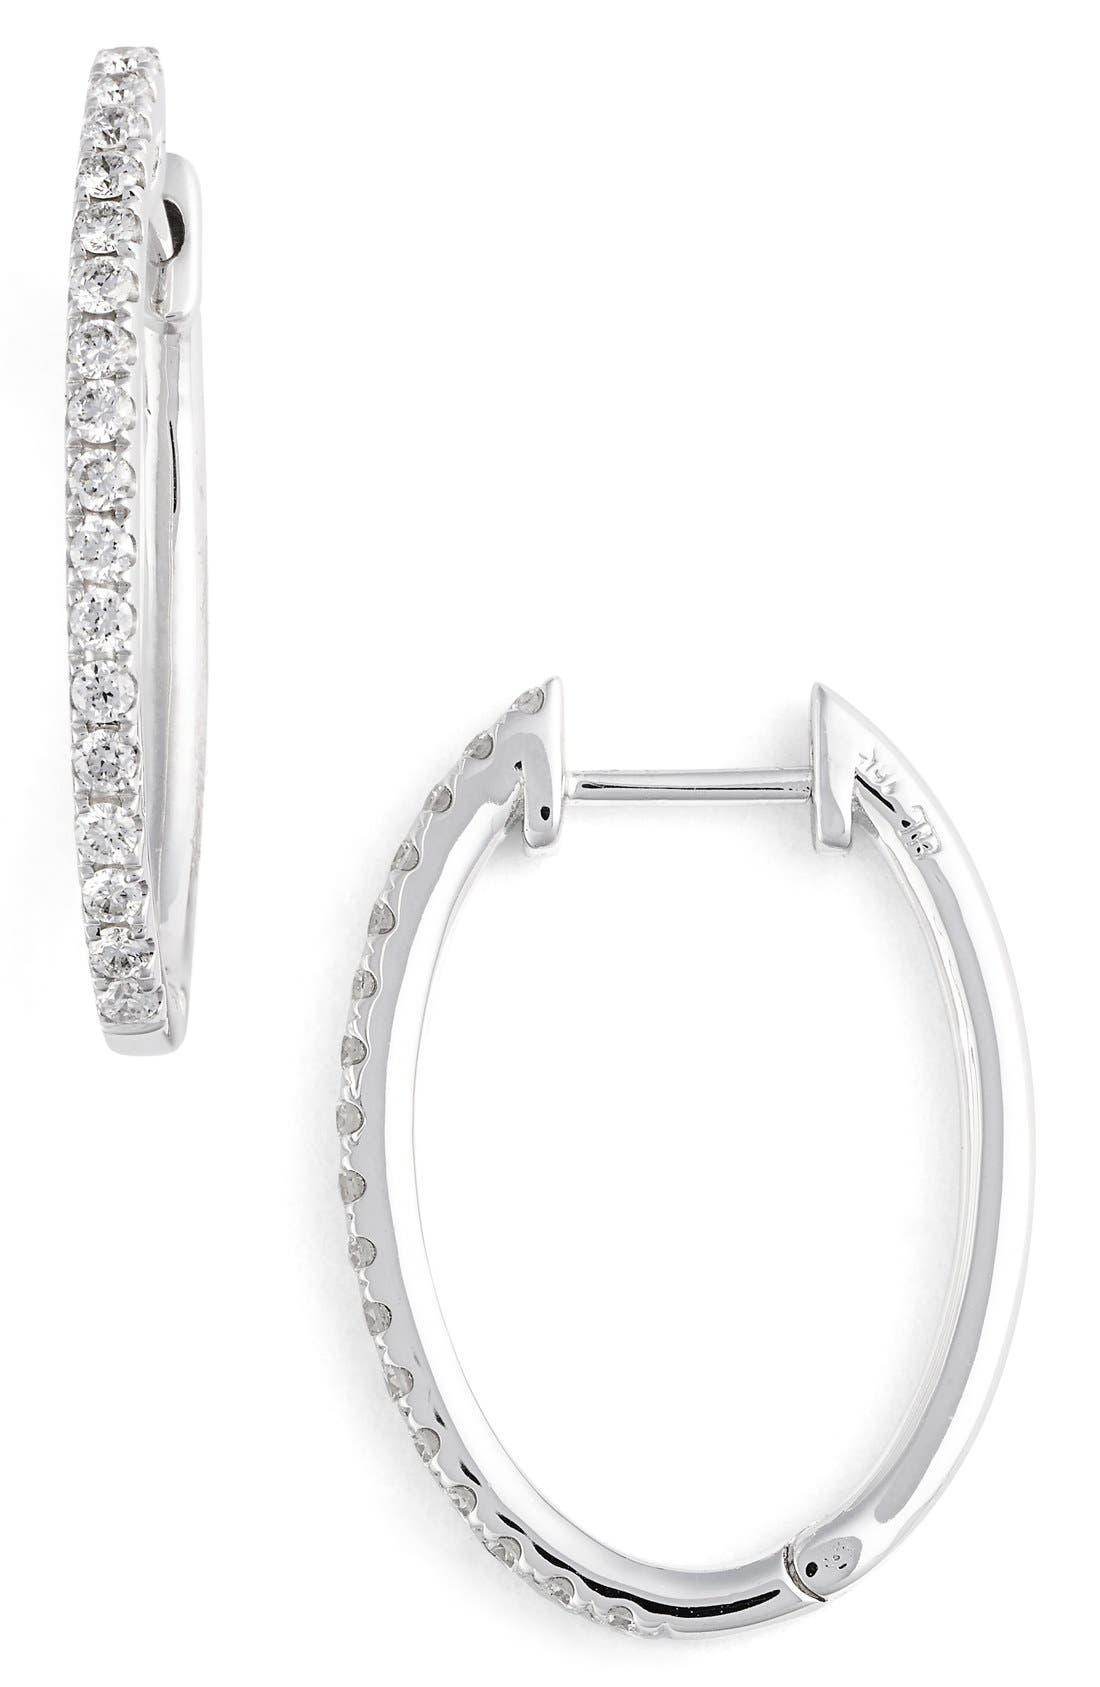 BONY LEVY Oval Hoop Diamond Earrings